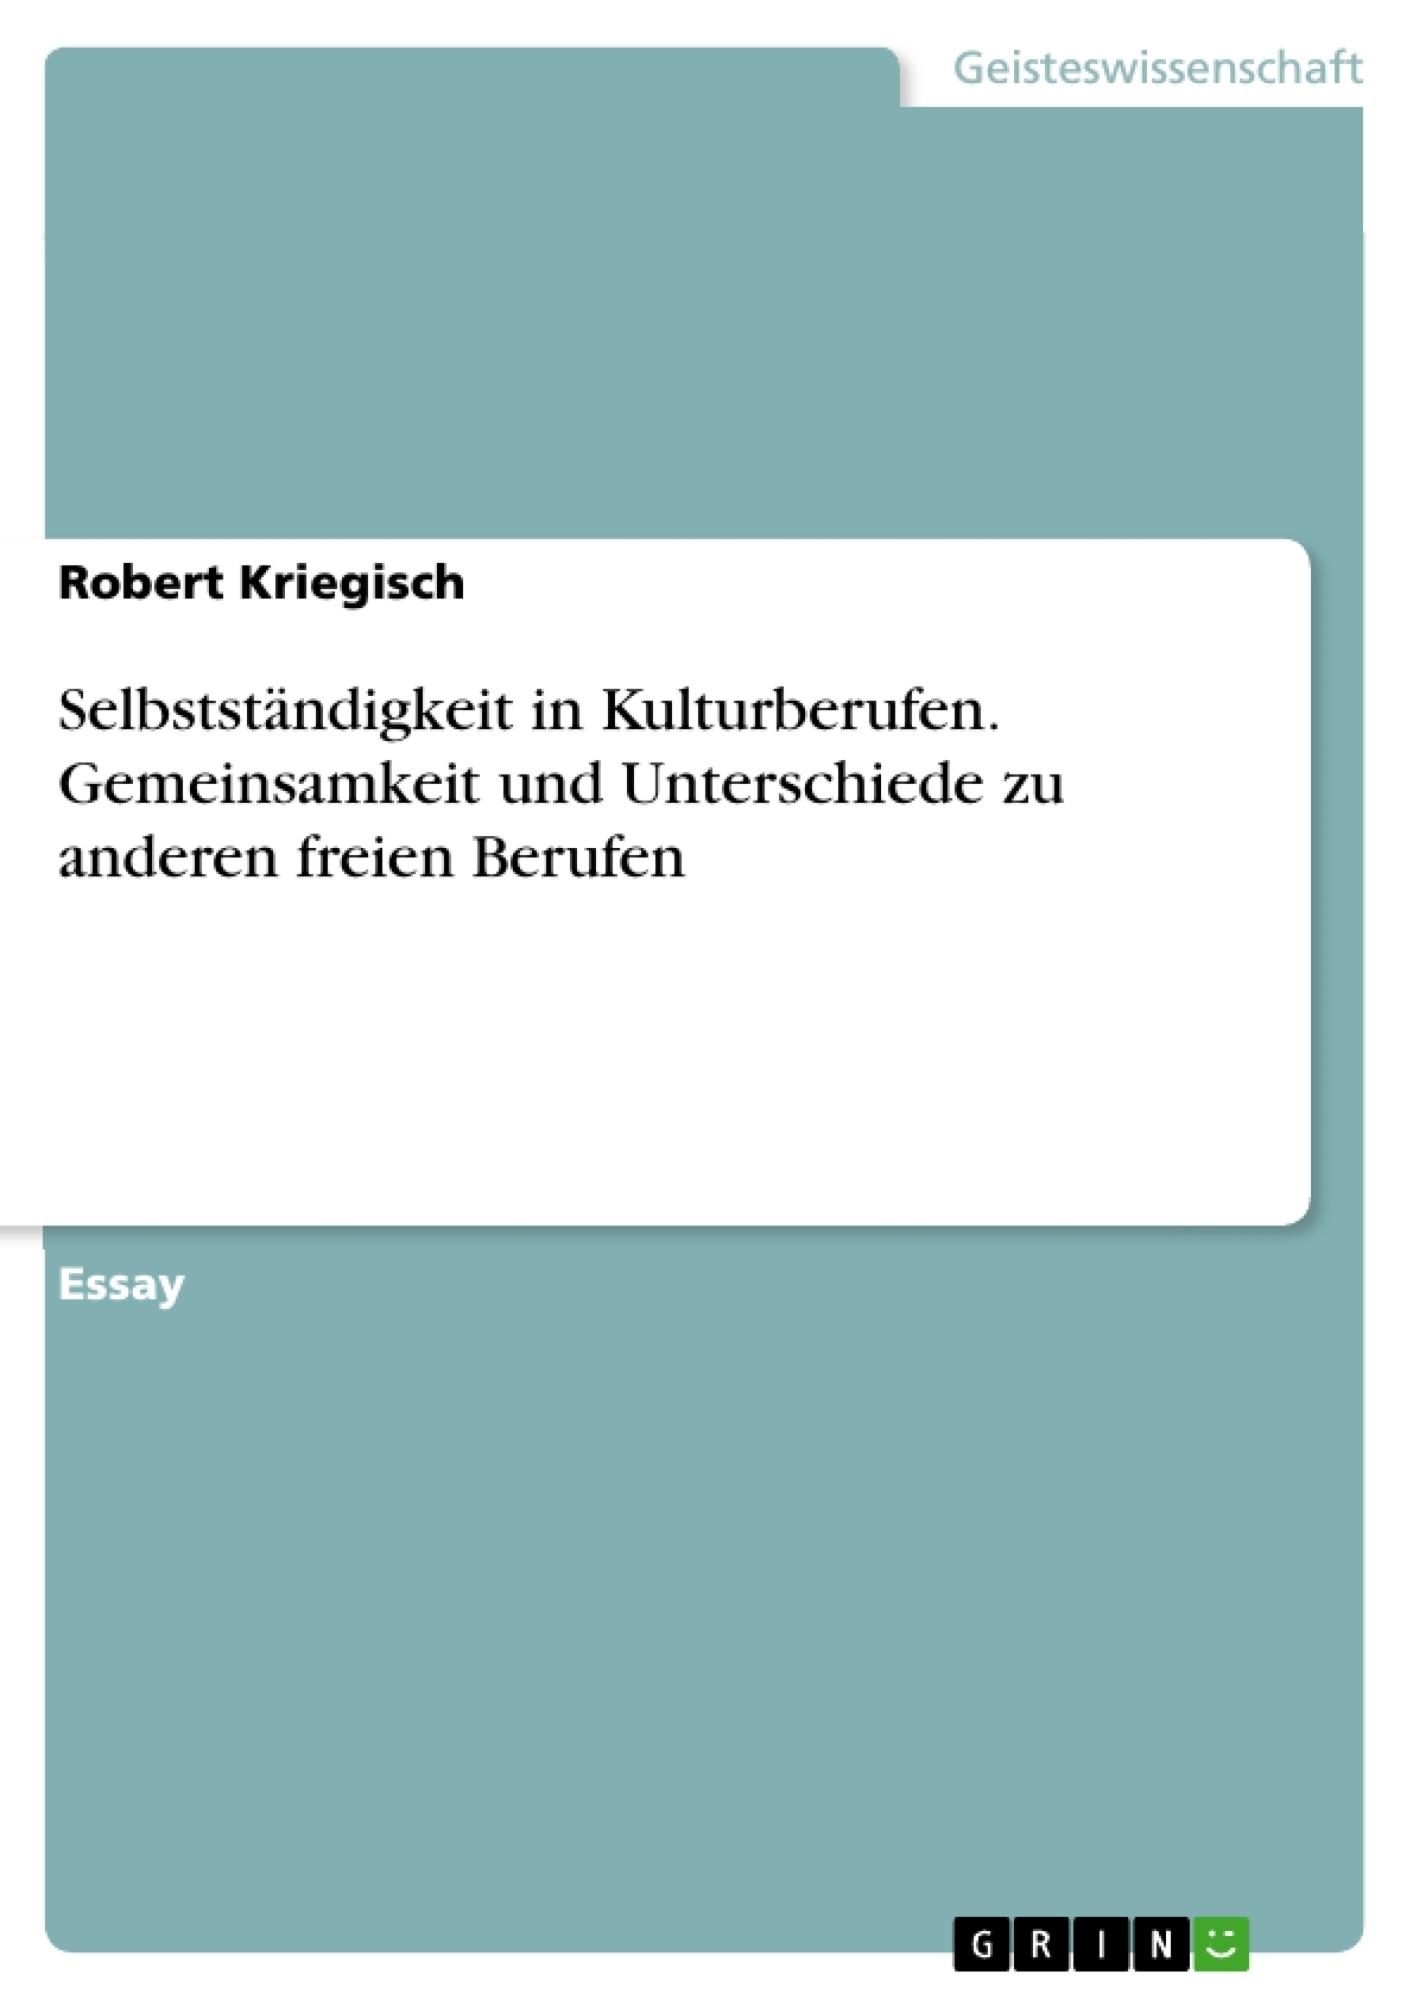 Titel: Selbstständigkeit in Kulturberufen. Gemeinsamkeit und Unterschiede zu anderen freien Berufen